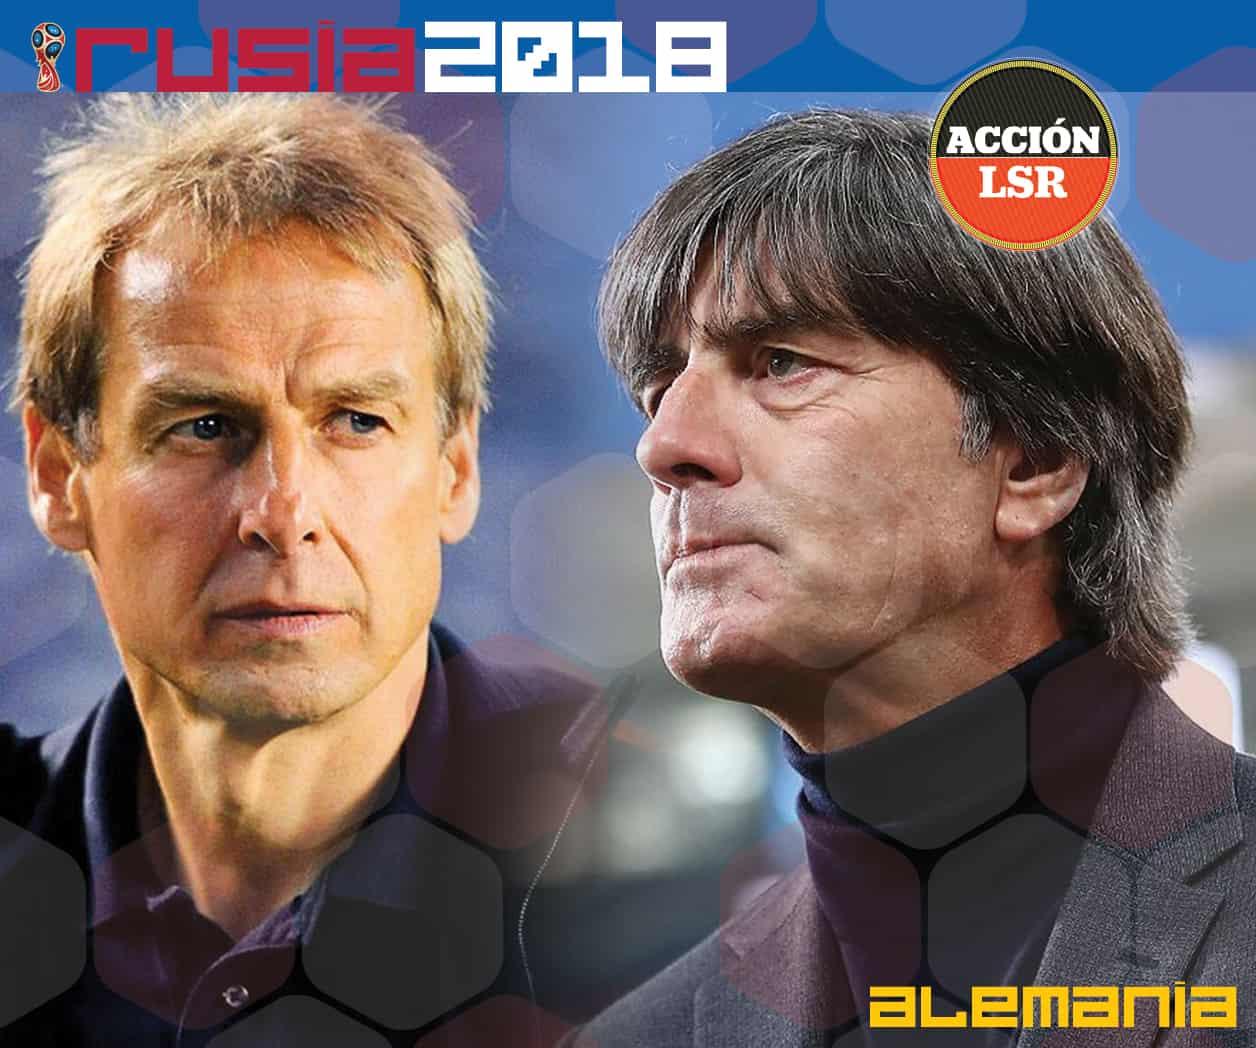 Rusia 2018: Alemania y las claves del camino al éxito